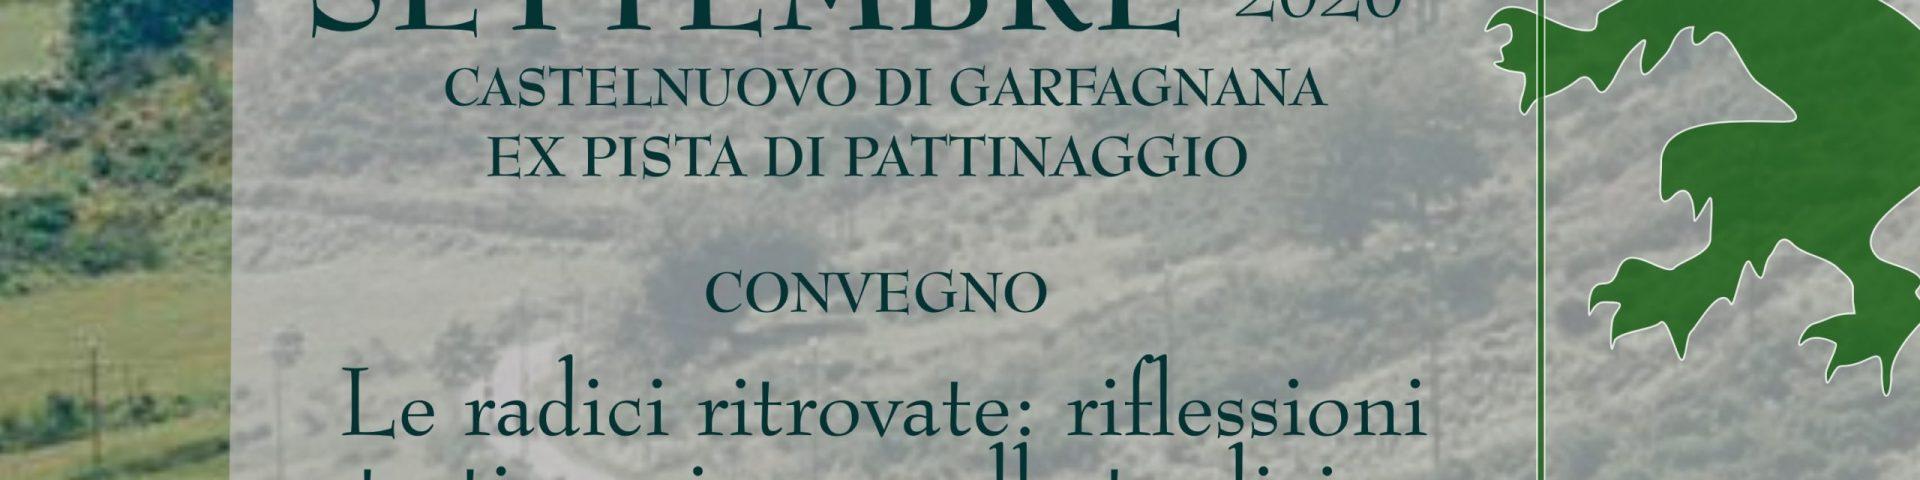 Transumanza: un convegno a Castelnuovo Garfagnana, 5 settembre 2020